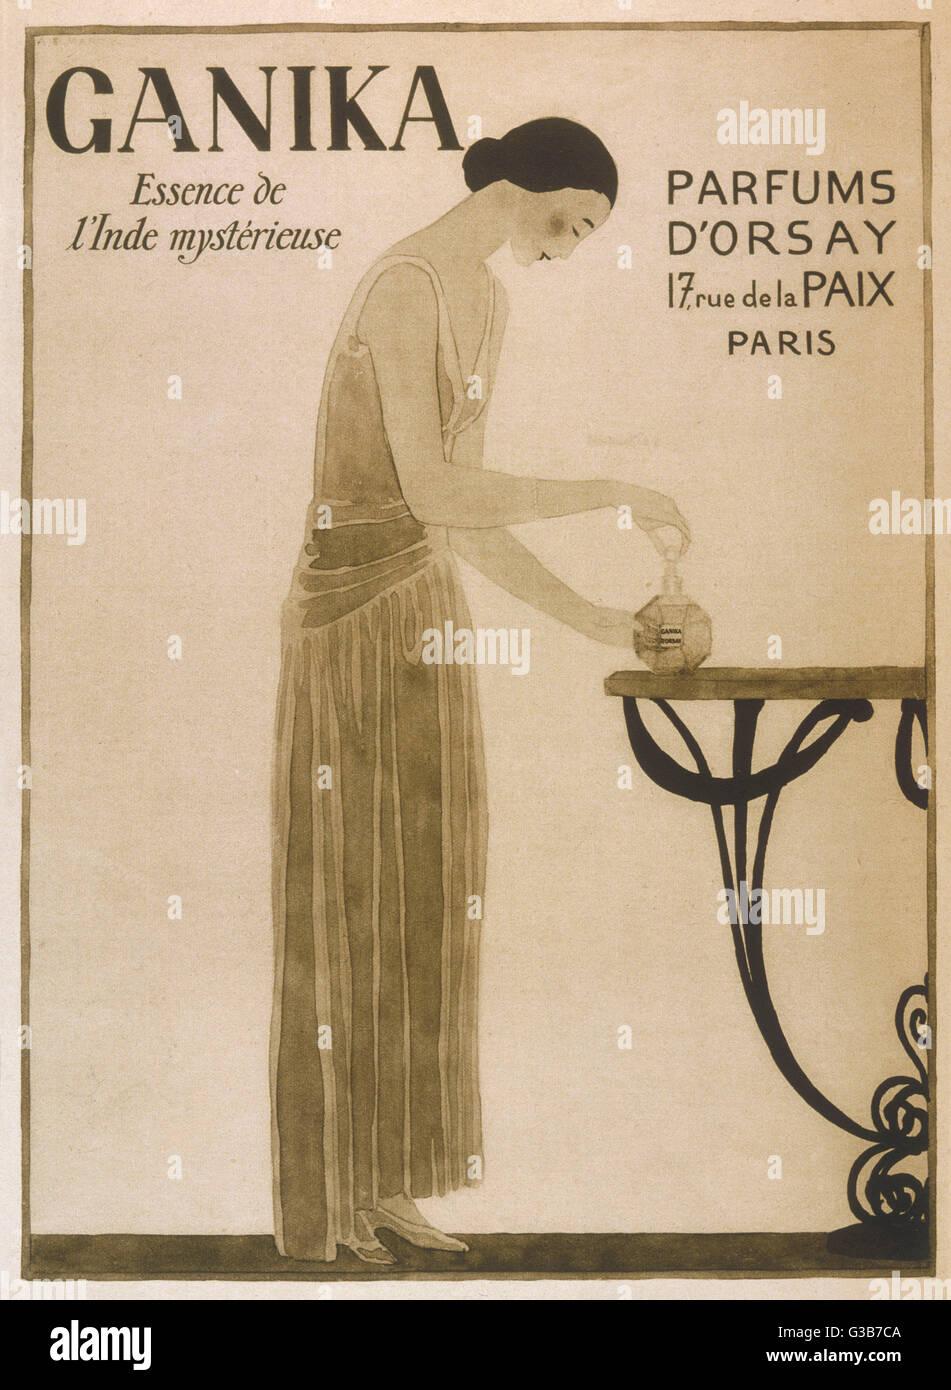 Ganika - geheimnisvolle Wesen des Ostens, von Parfums d ' Orsay, 17 Rue De La Paix Paris Datum geliefert: 1920er Stockbild